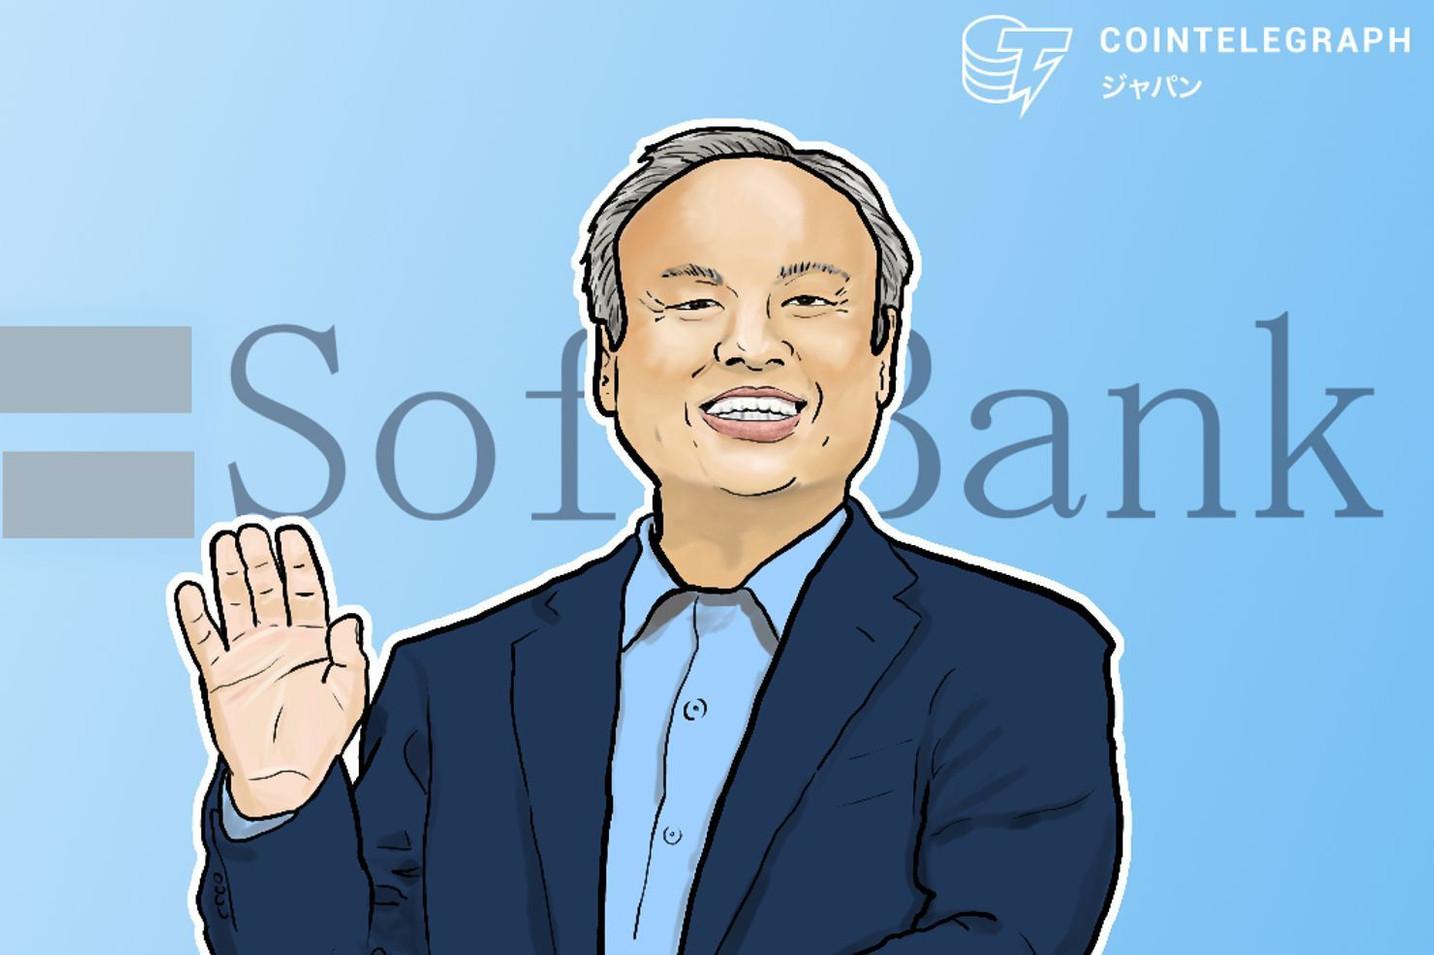 ソフトバンク、ウィーワークの経営権を獲得=報道| 仮想通貨業界からも反応【ニュース】